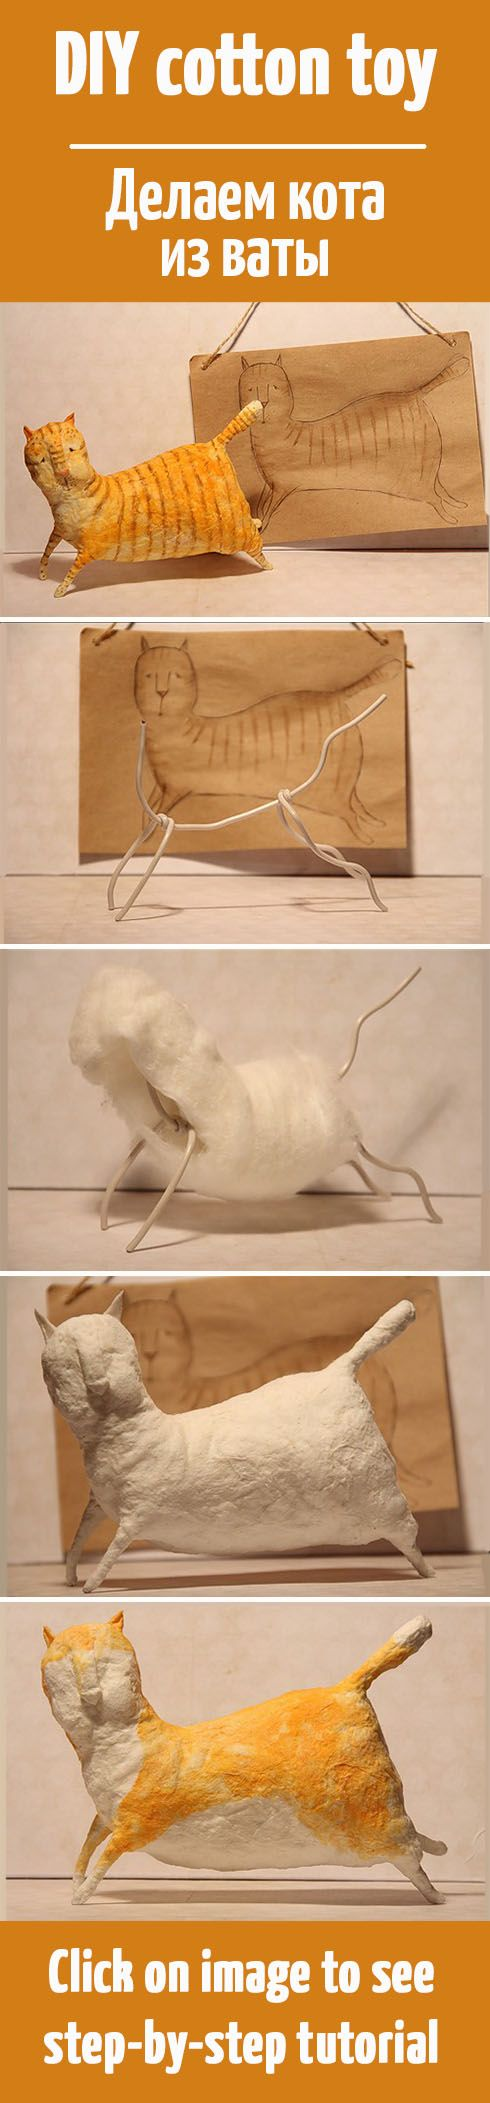 Делаем игрушку кота из ваты / Cotton toy cat tutorial #diy #handmade #craft